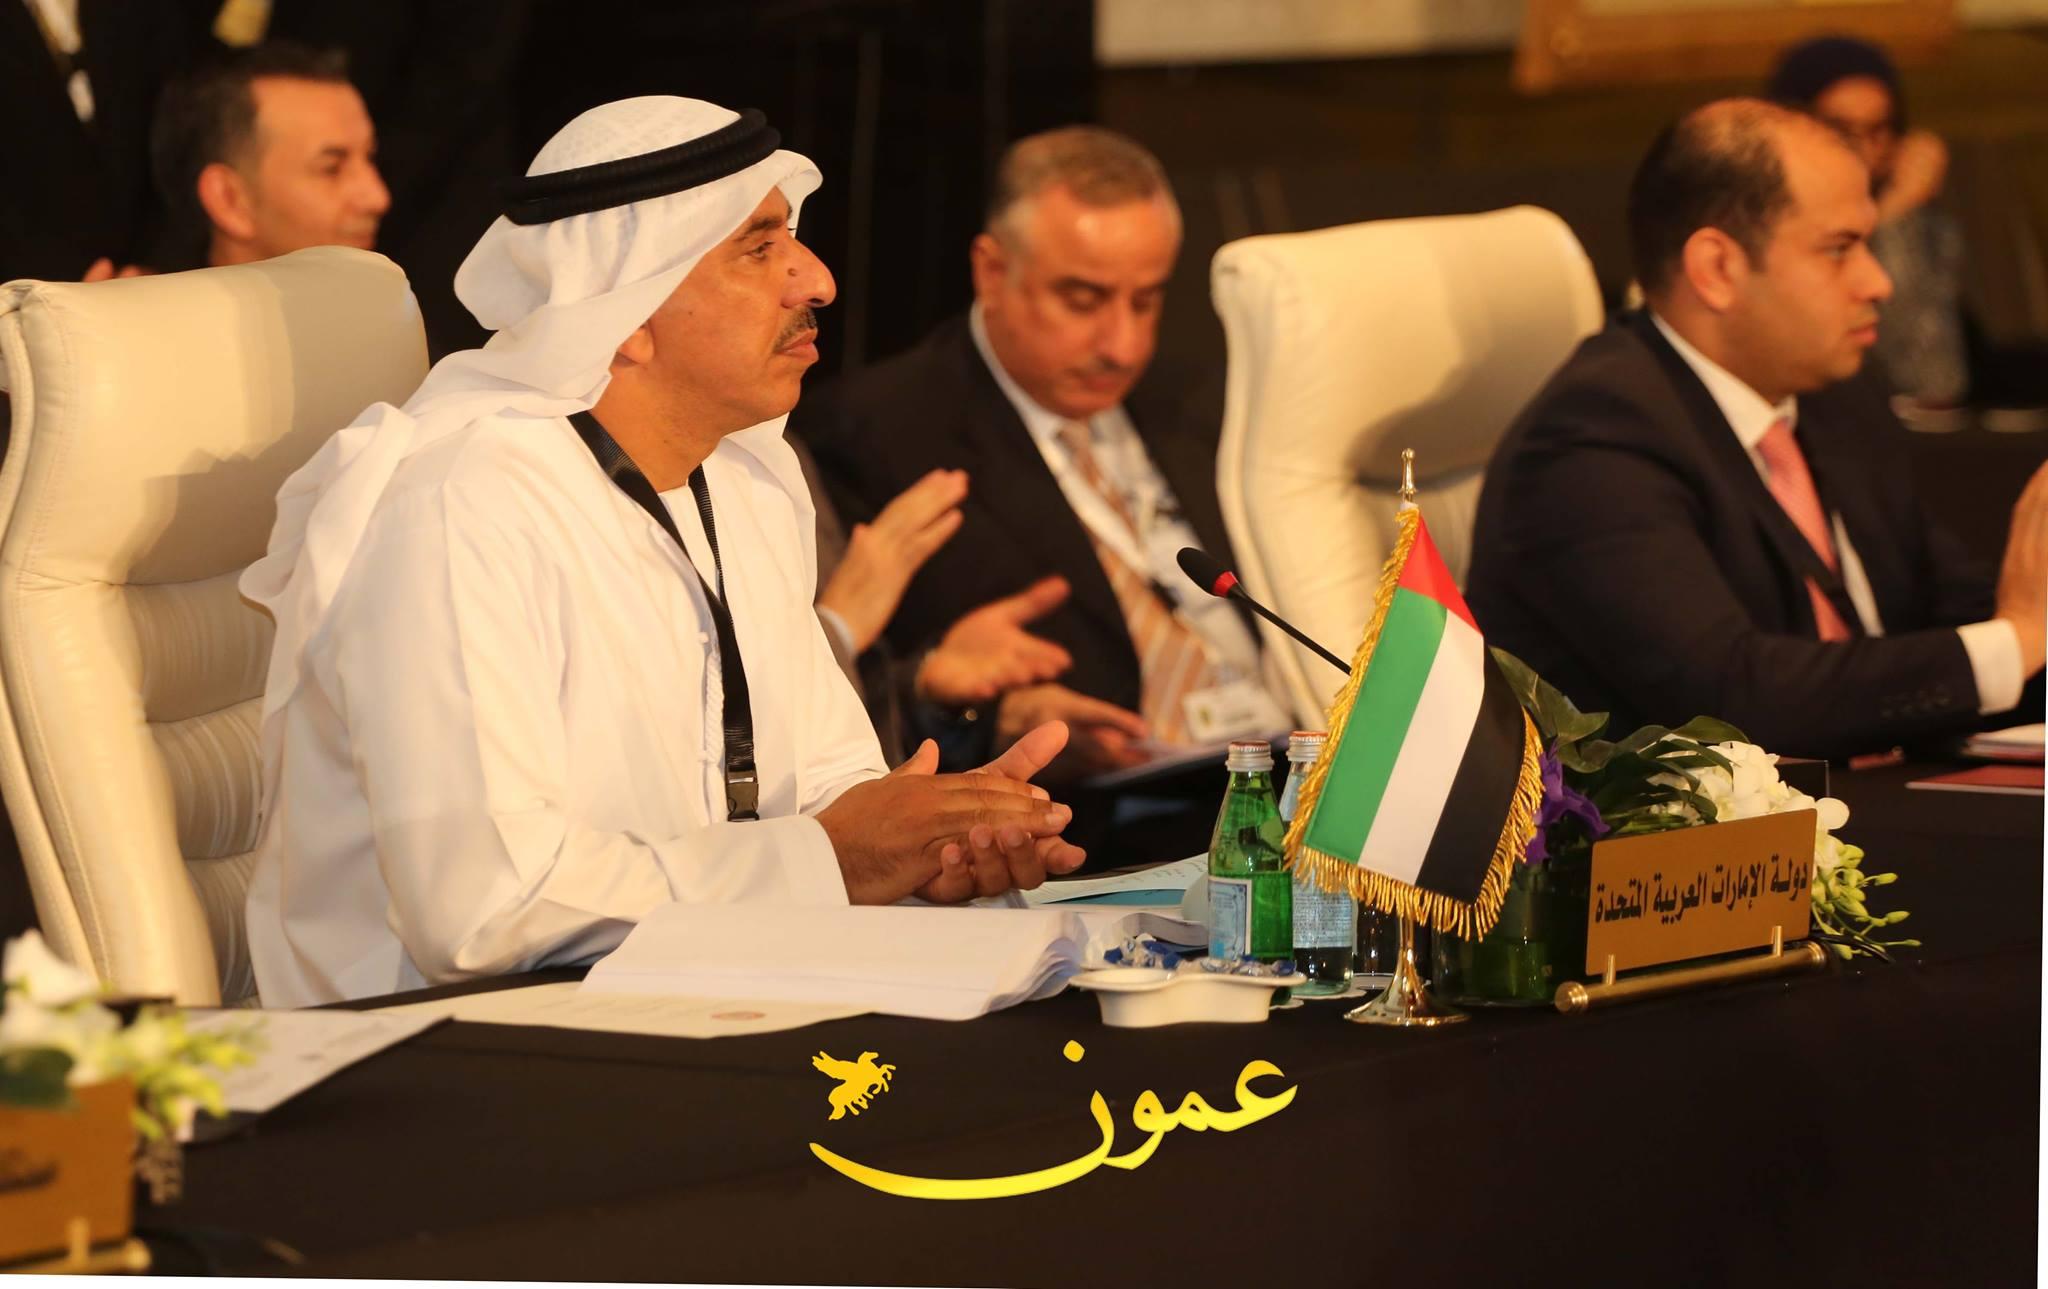 القمة العربية تنطلق من عمان رغم الظروف الإقليمية الصعبة (فيديو)